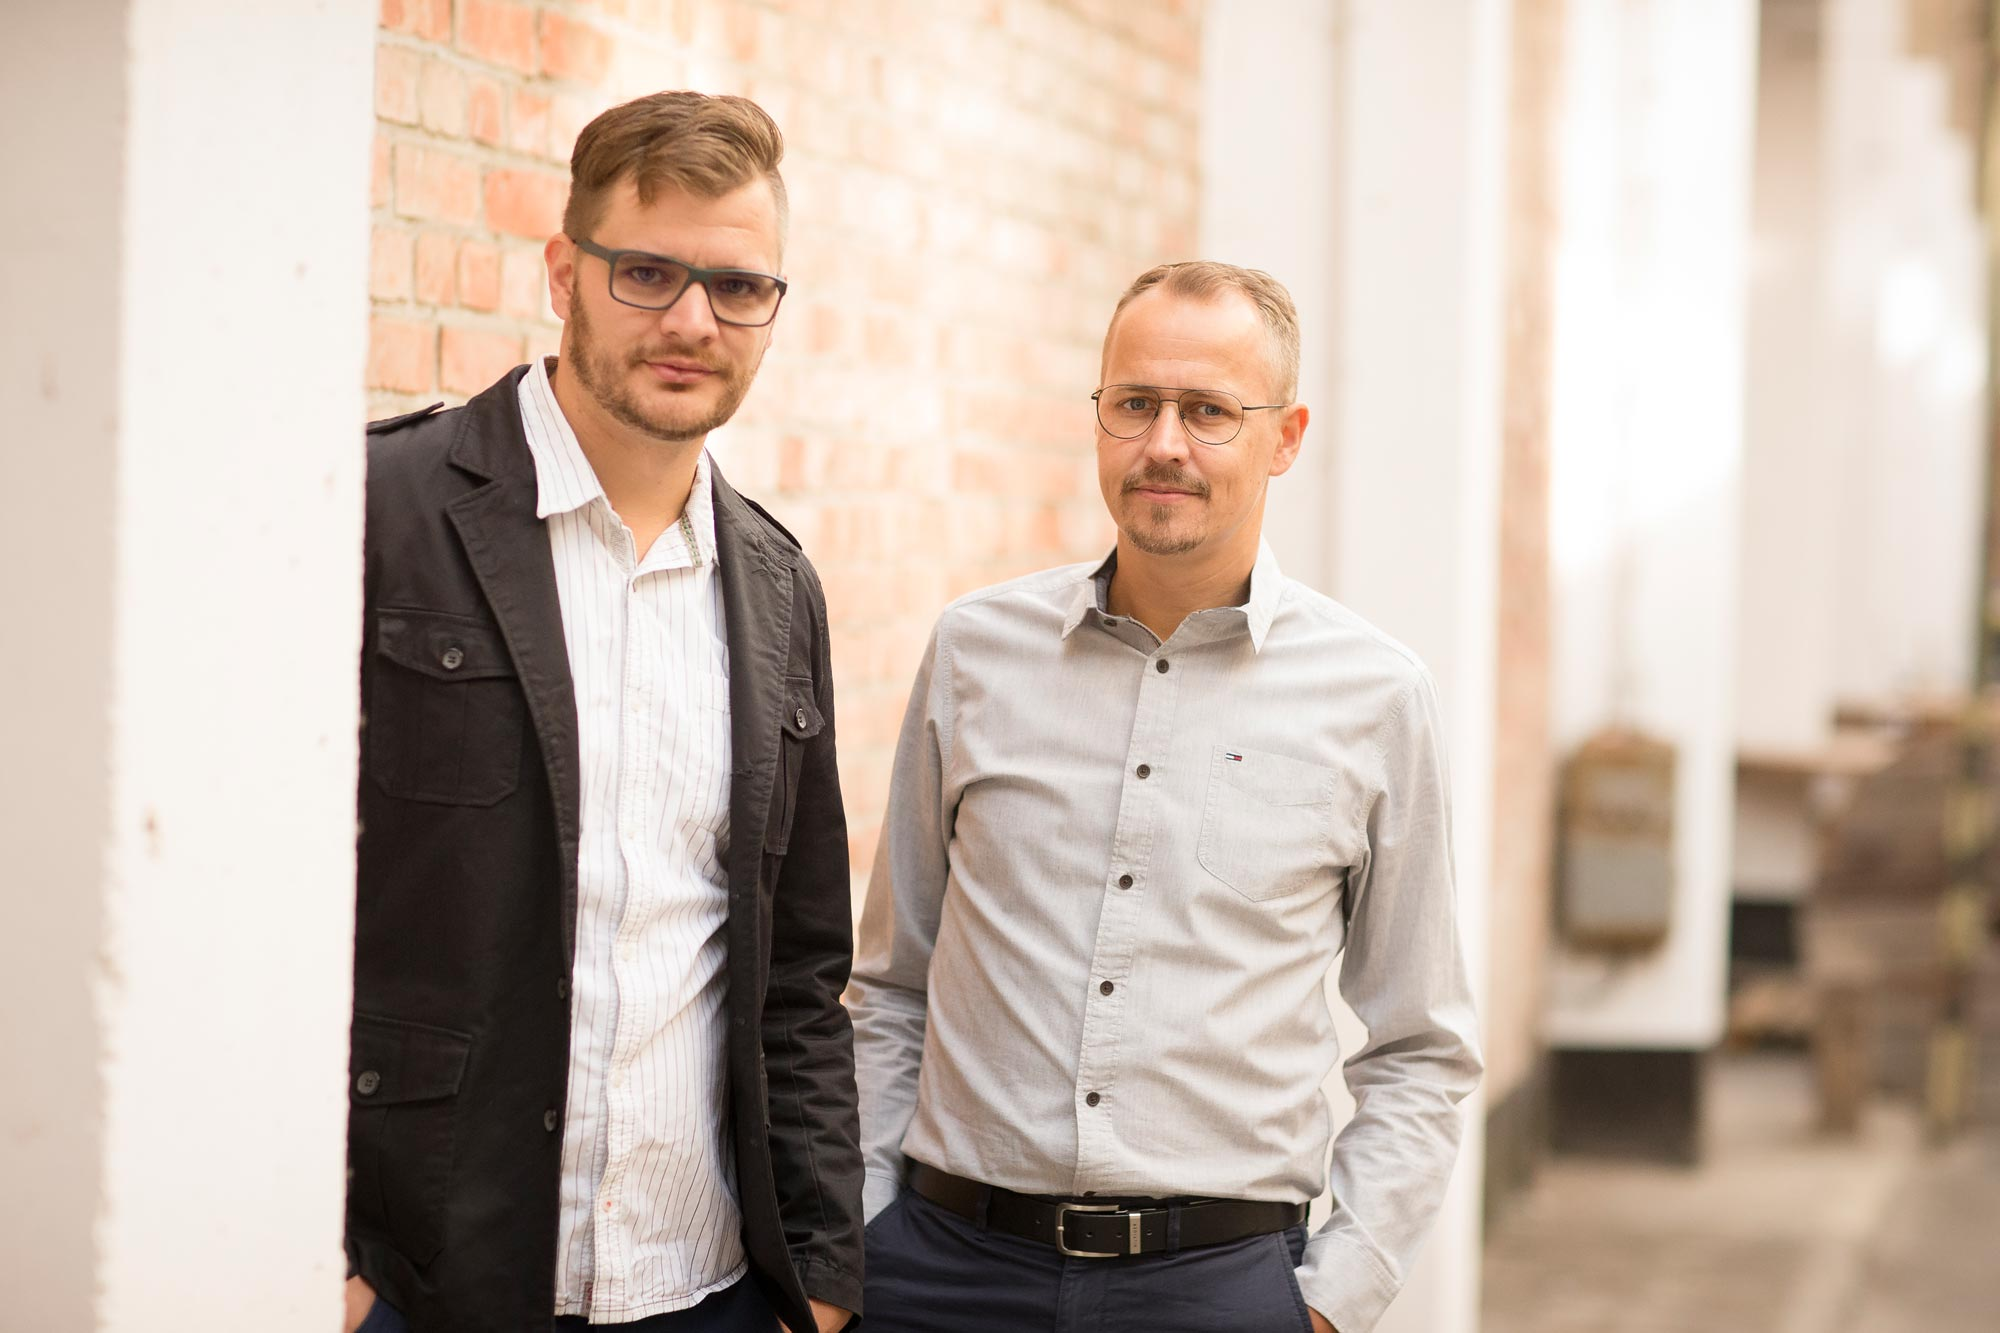 Andreas Techow und Matthias Sagawe von Optik Sagawe in Rostock haben Freude am Sehen